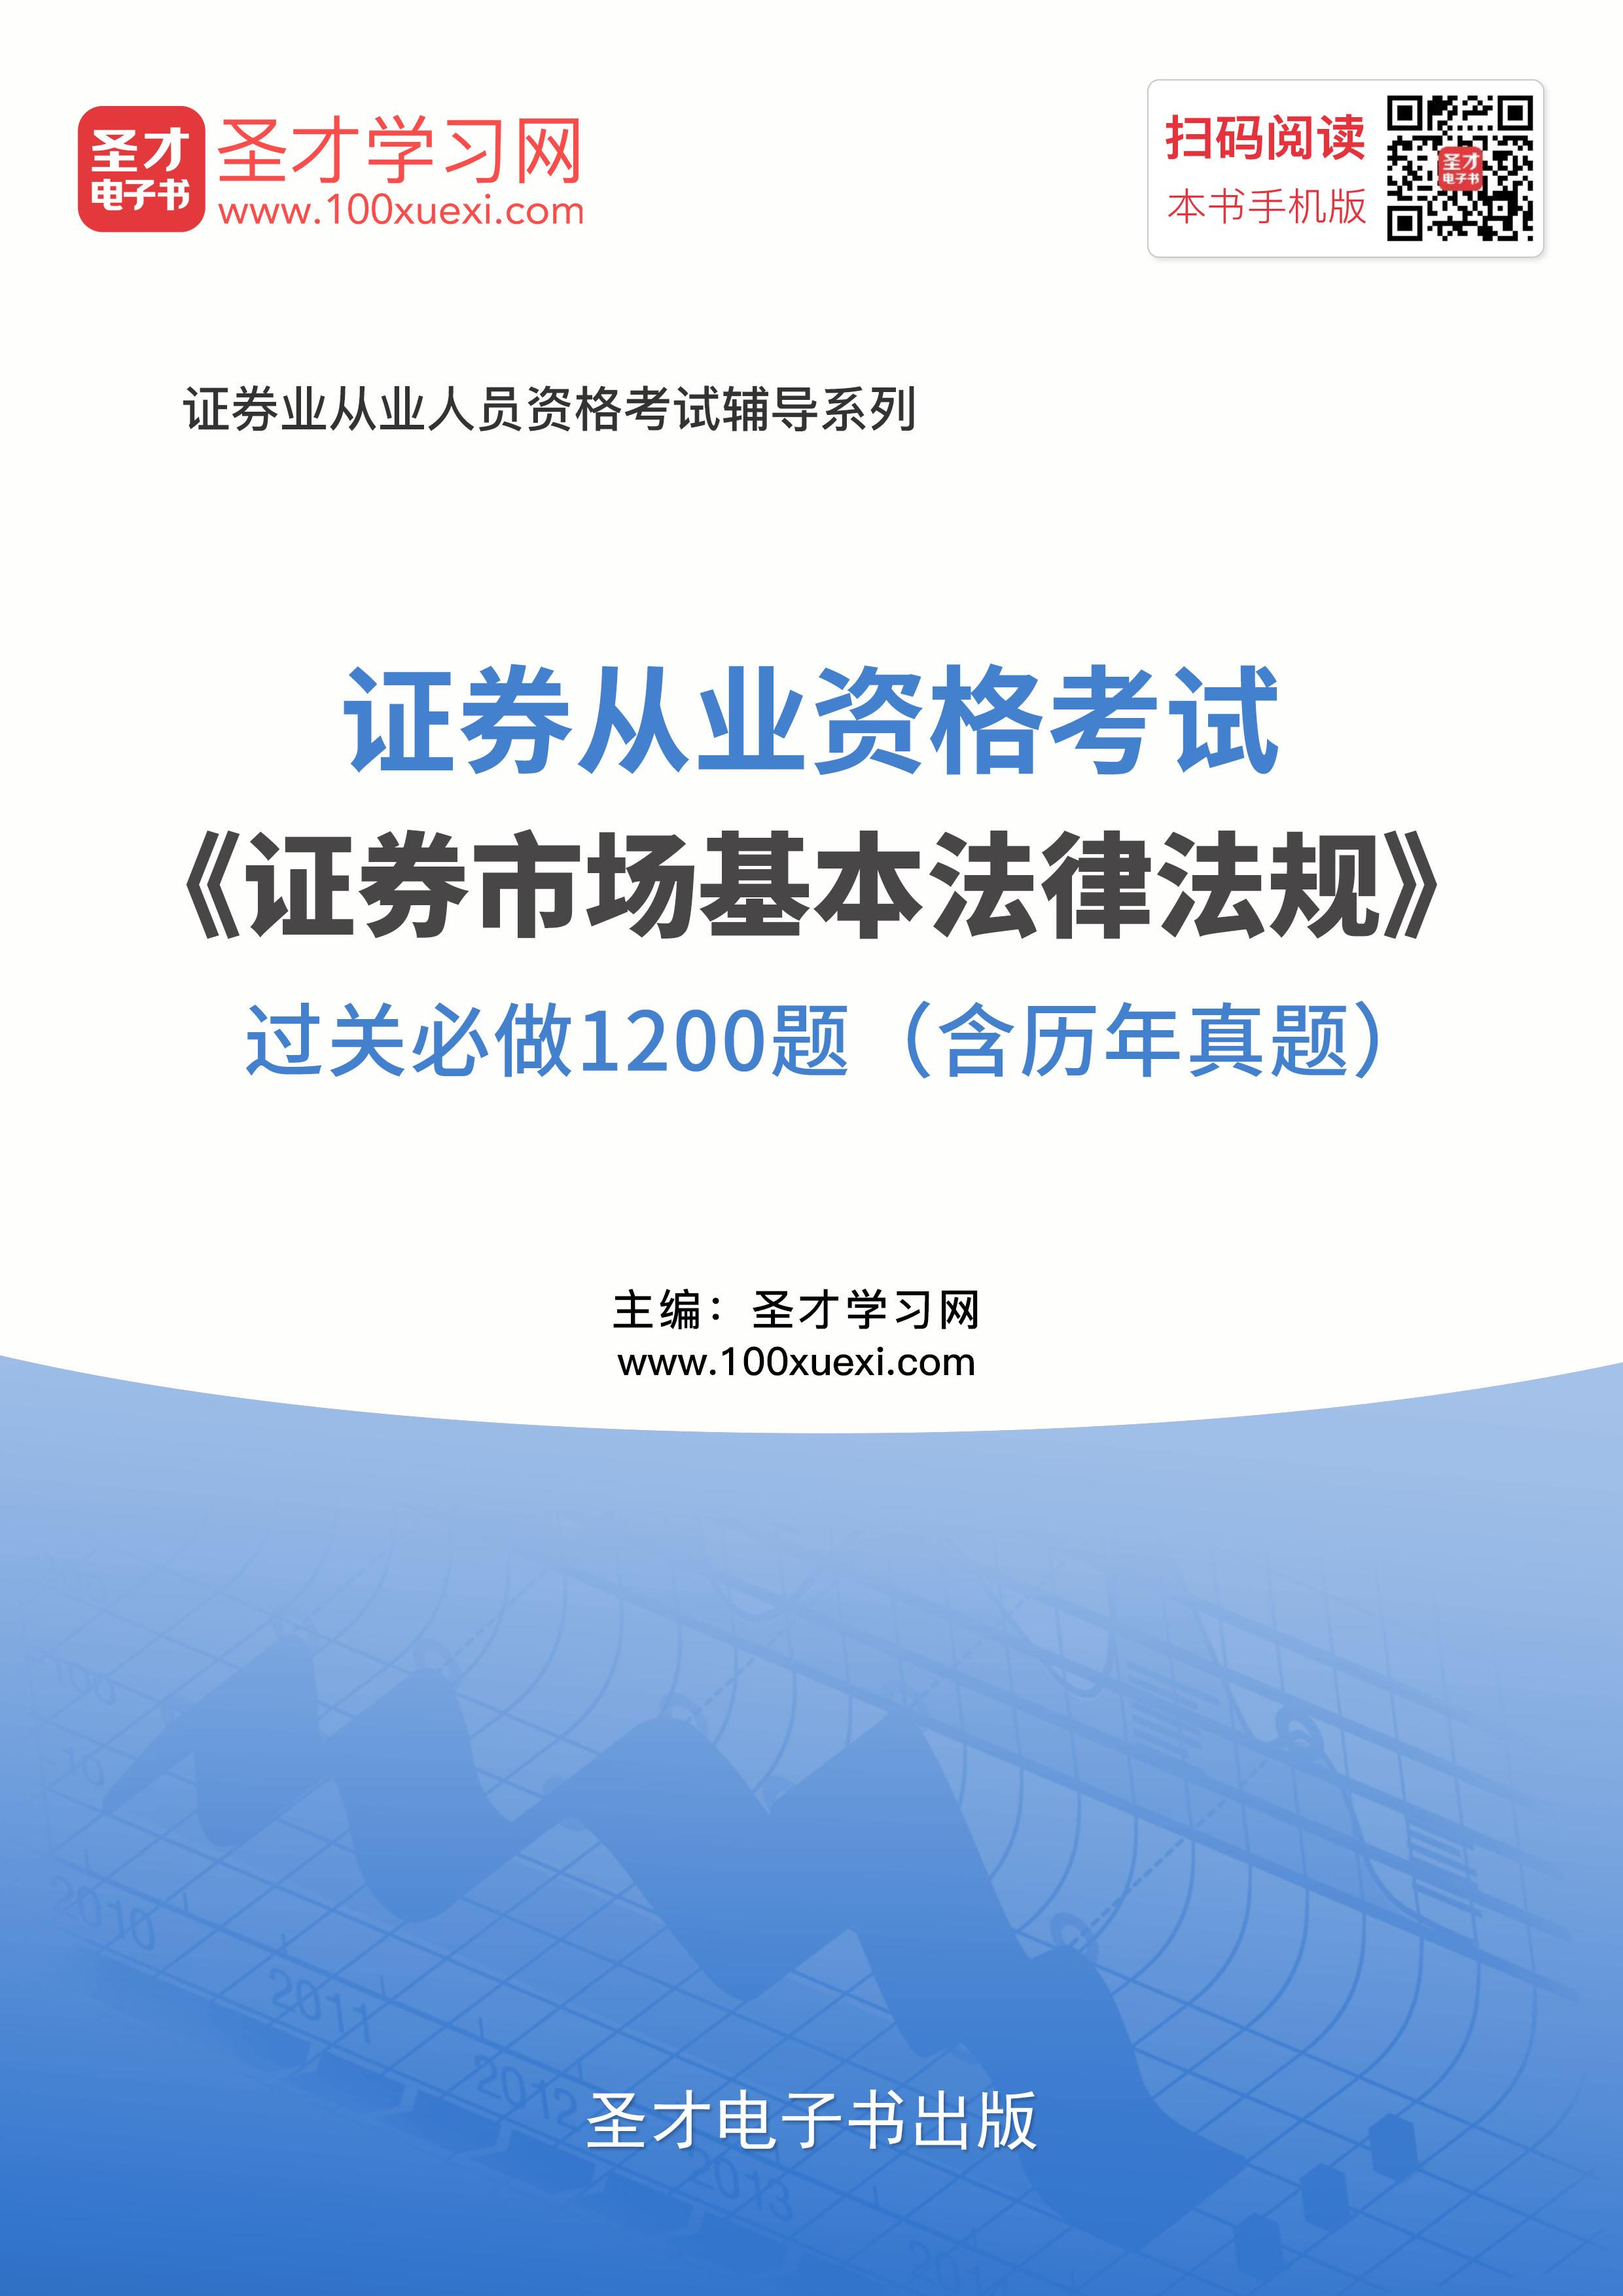 【证券】2017年考证券从业资格考试《证券市场基本法律法规》过关必做1200题含真题